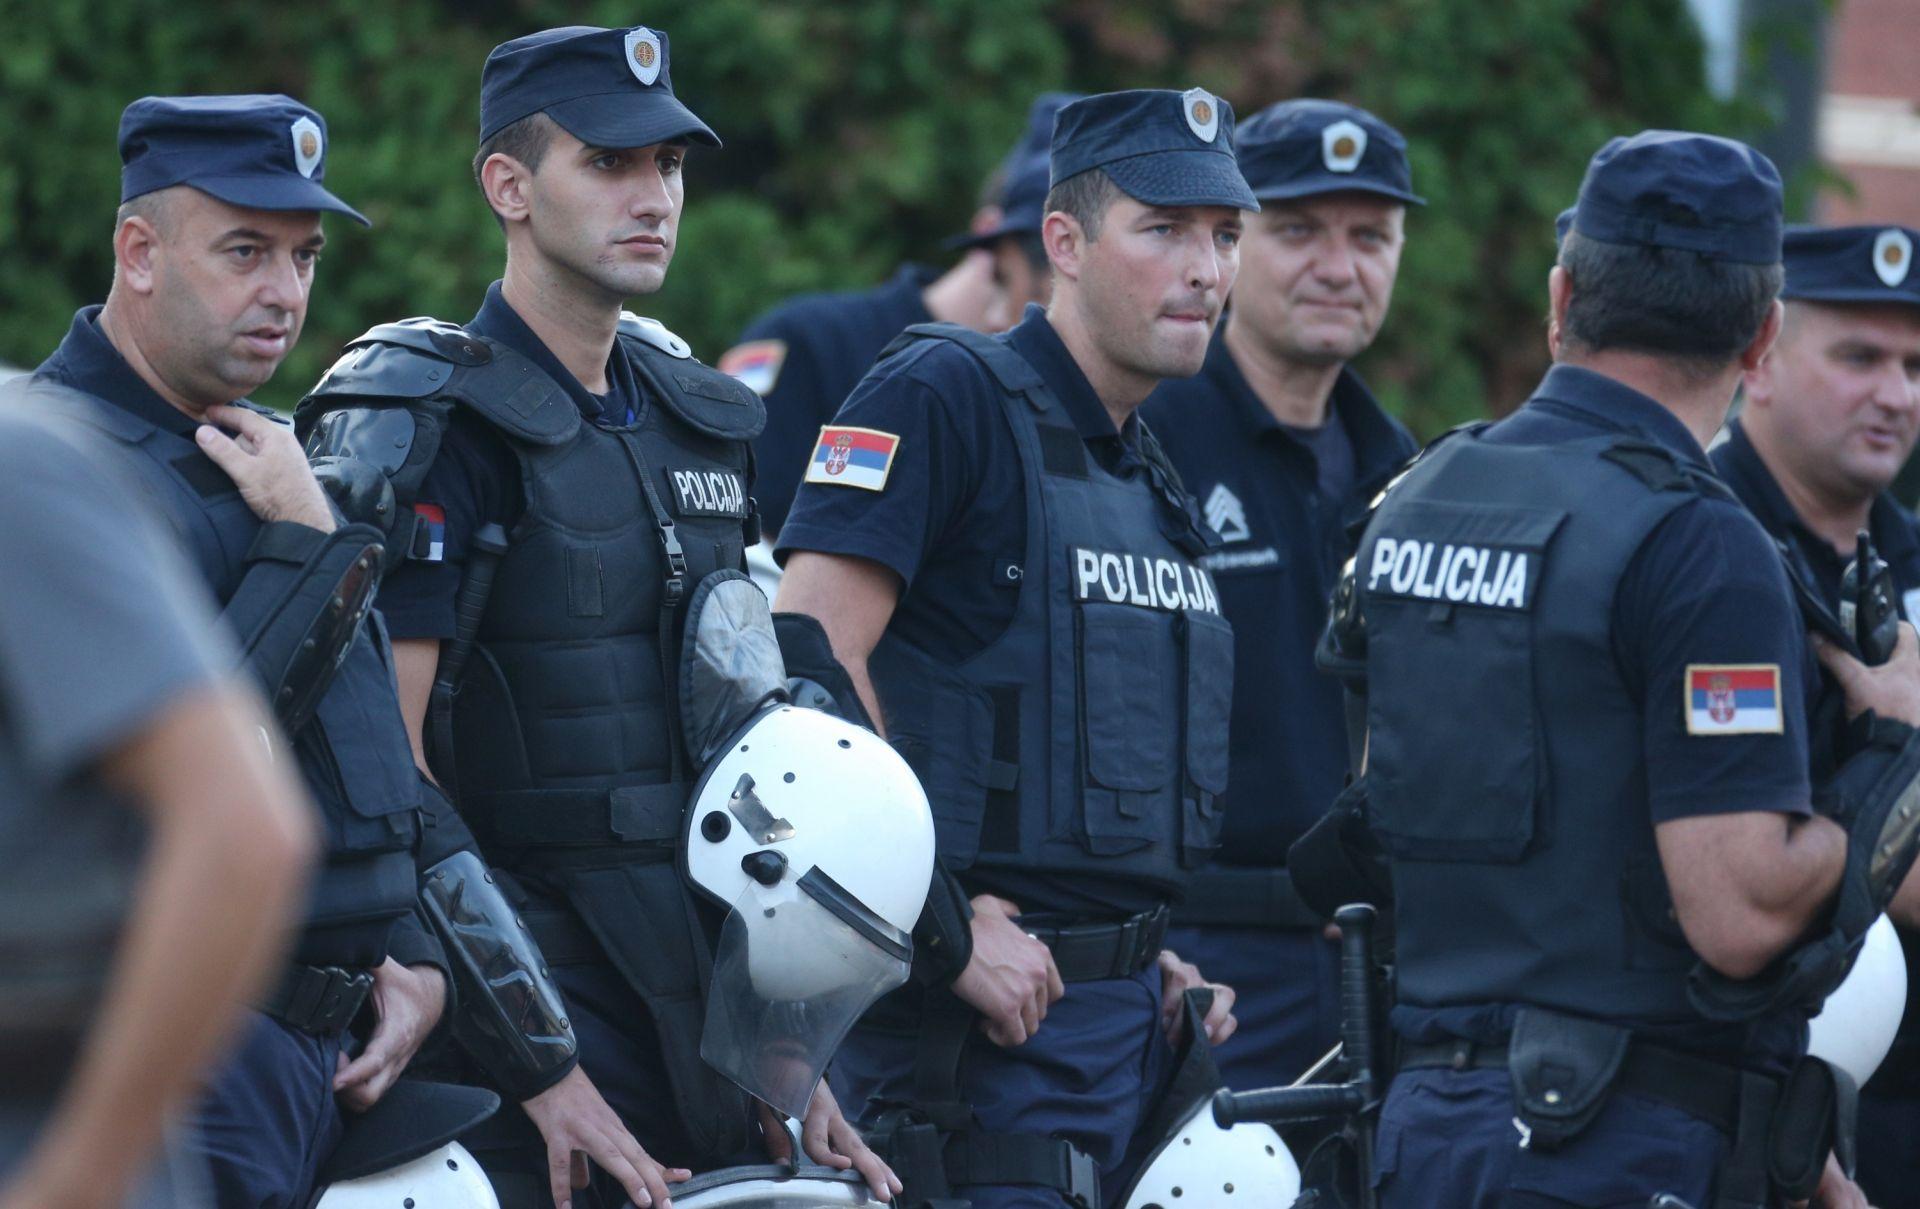 SRBIJANSKI MEDIJI Uhićenog zbog špijunaže vrbovale hrvatske službe kao sudionika rata 90-ih